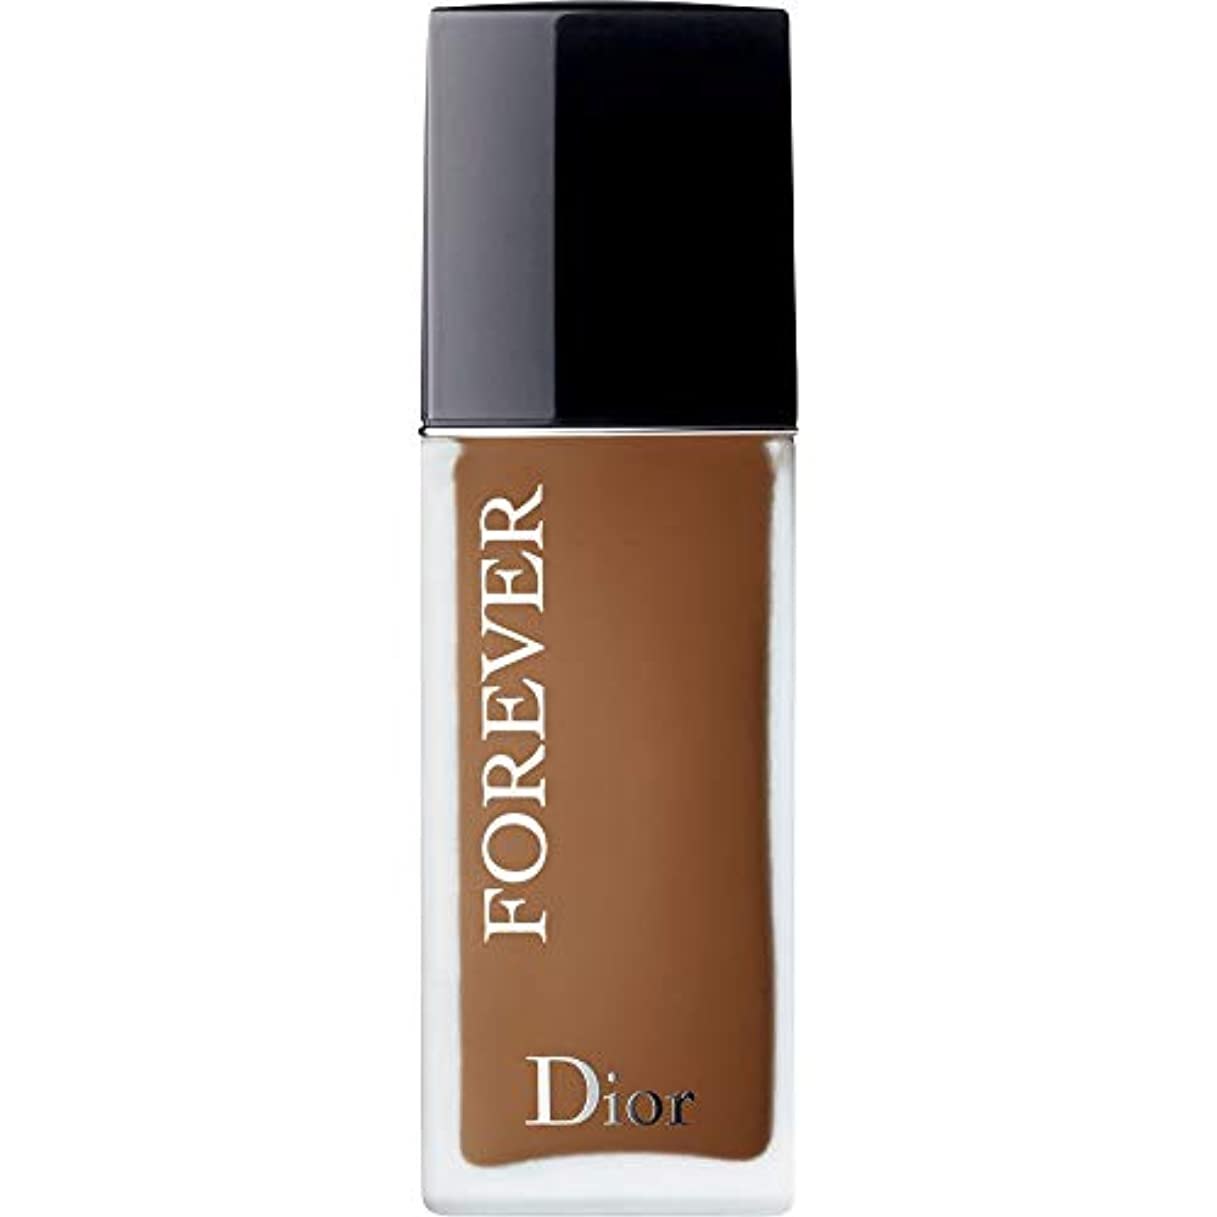 彫る包囲修羅場[Dior ] ディオール永遠皮膚思いやりの基盤Spf35 30ミリリットルの7N - ニュートラル(つや消し) - DIOR Forever Skin-Caring Foundation SPF35 30ml 7N -...